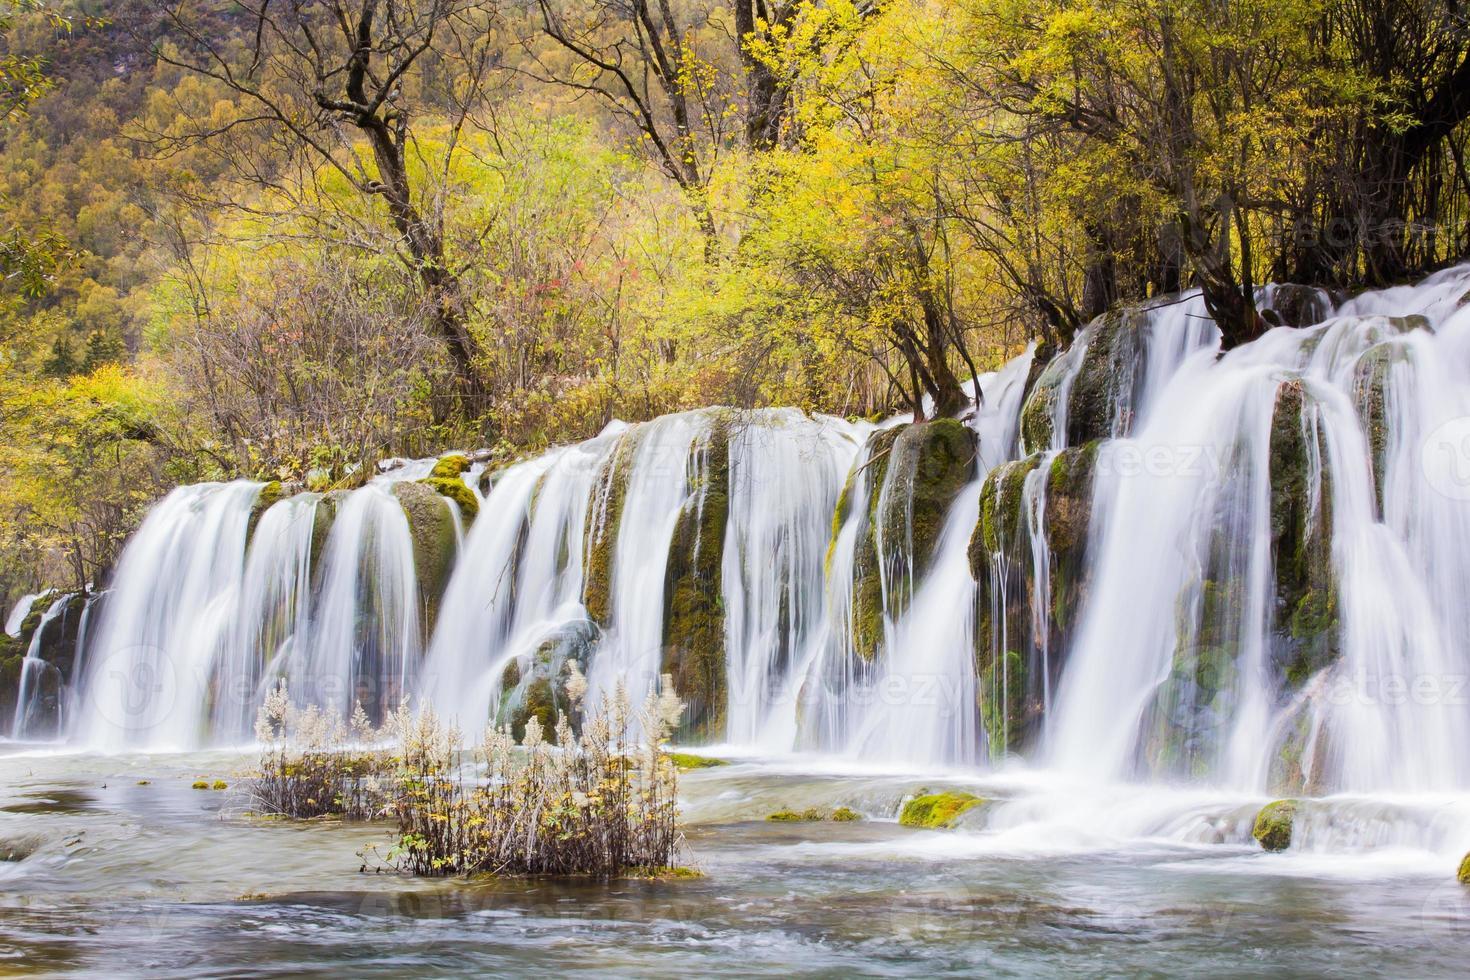 freccia cascata di bambù jiuzhaigou scenico foto